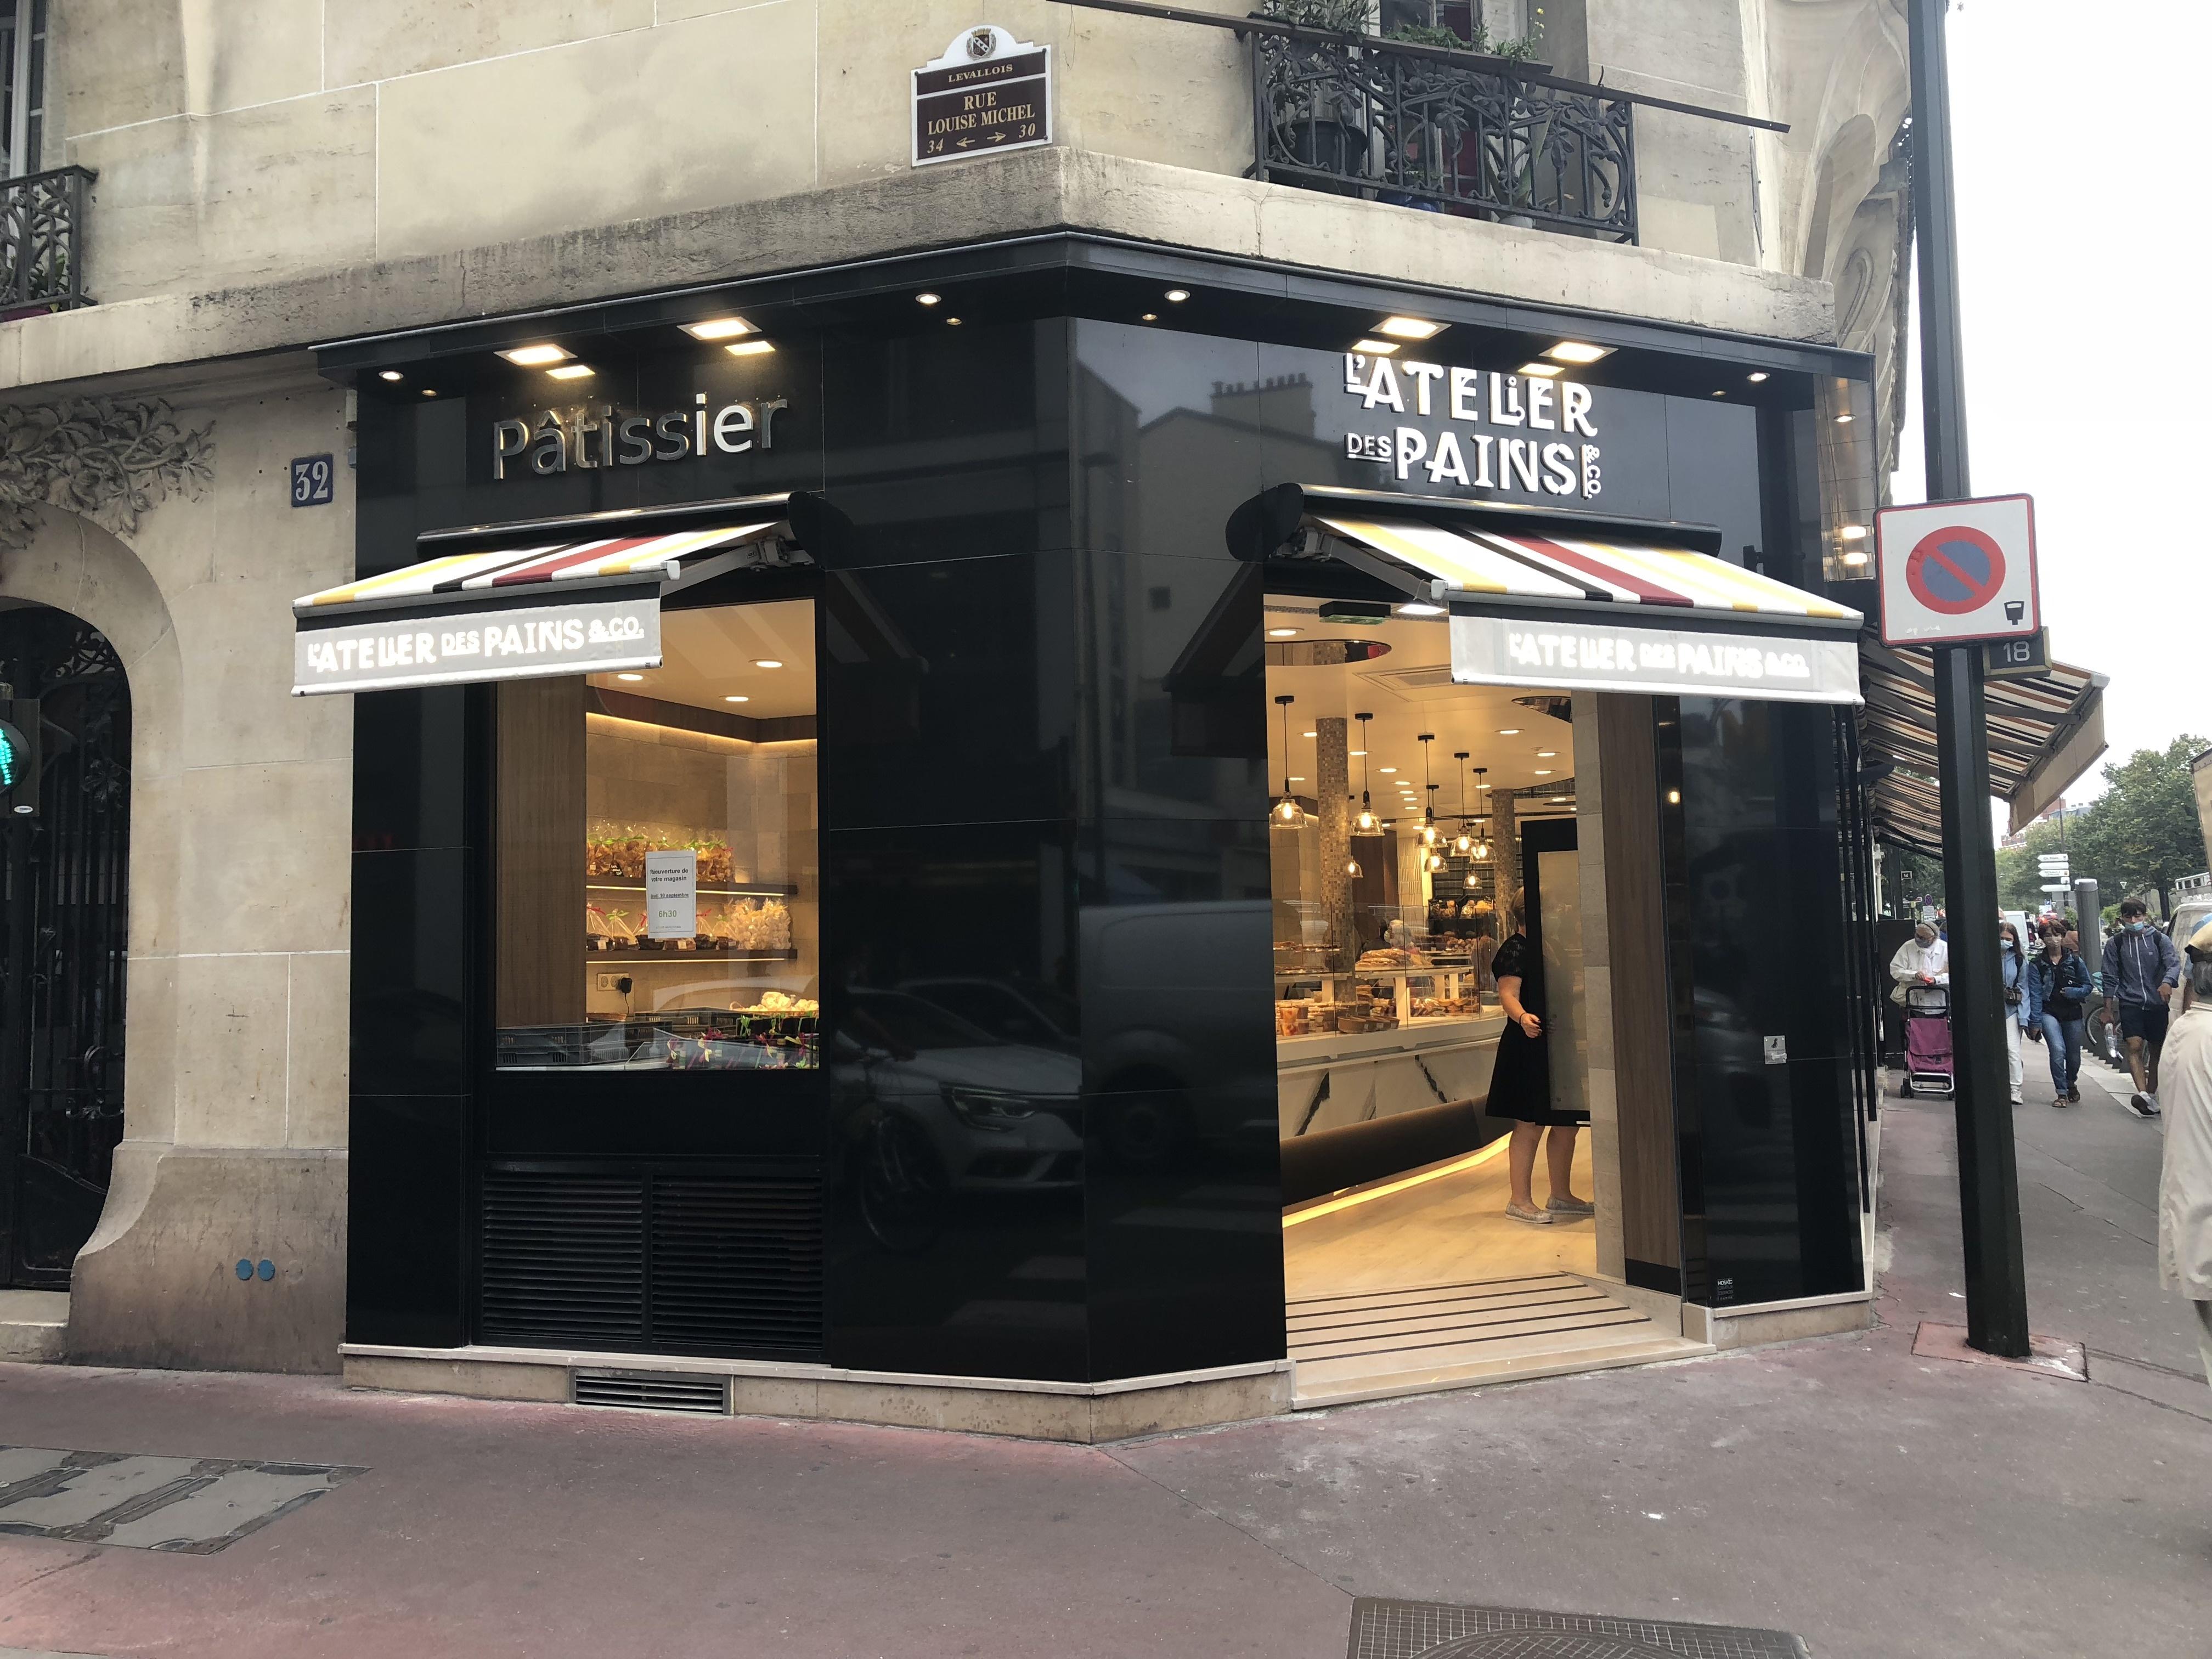 Galerie d'image - L'Atelier des Pains & Co